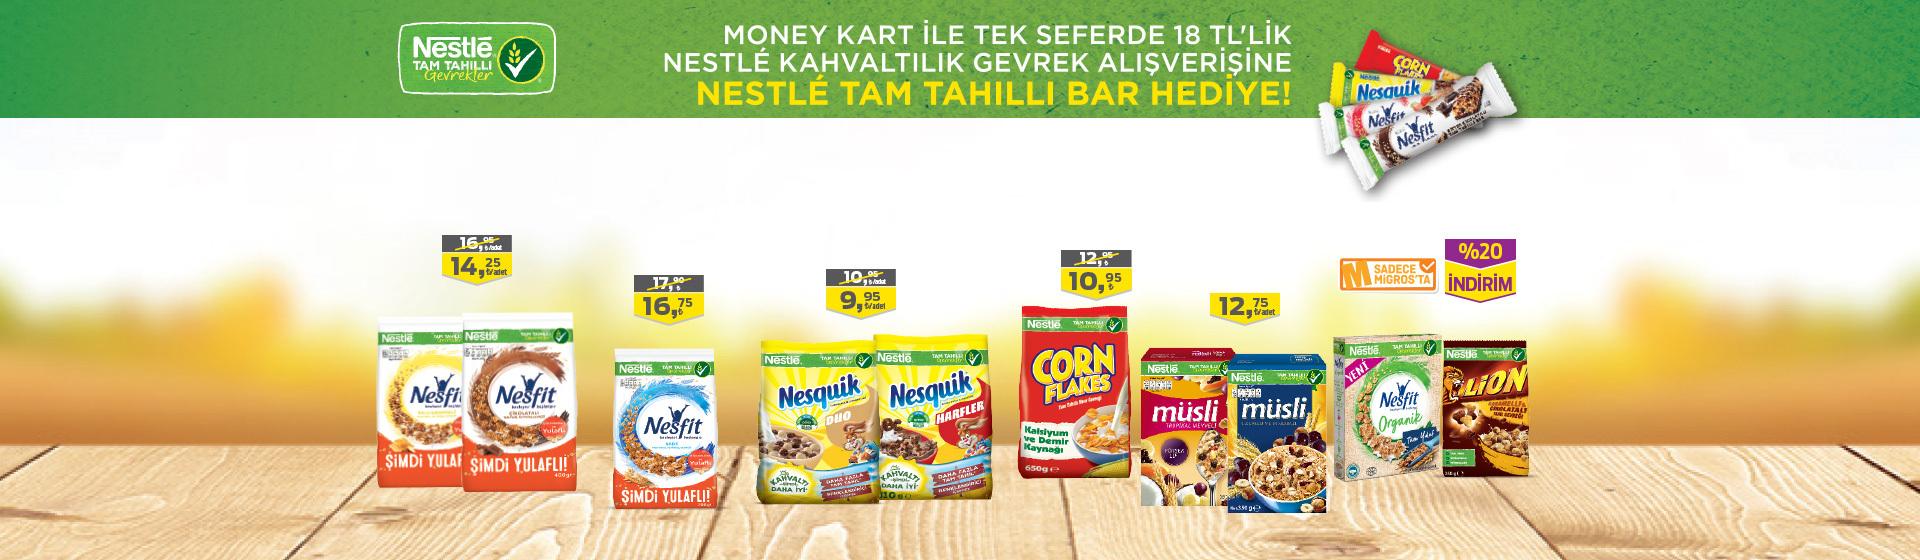 Nestle Kahvaltılık Gevrek Hediye Kampanyası